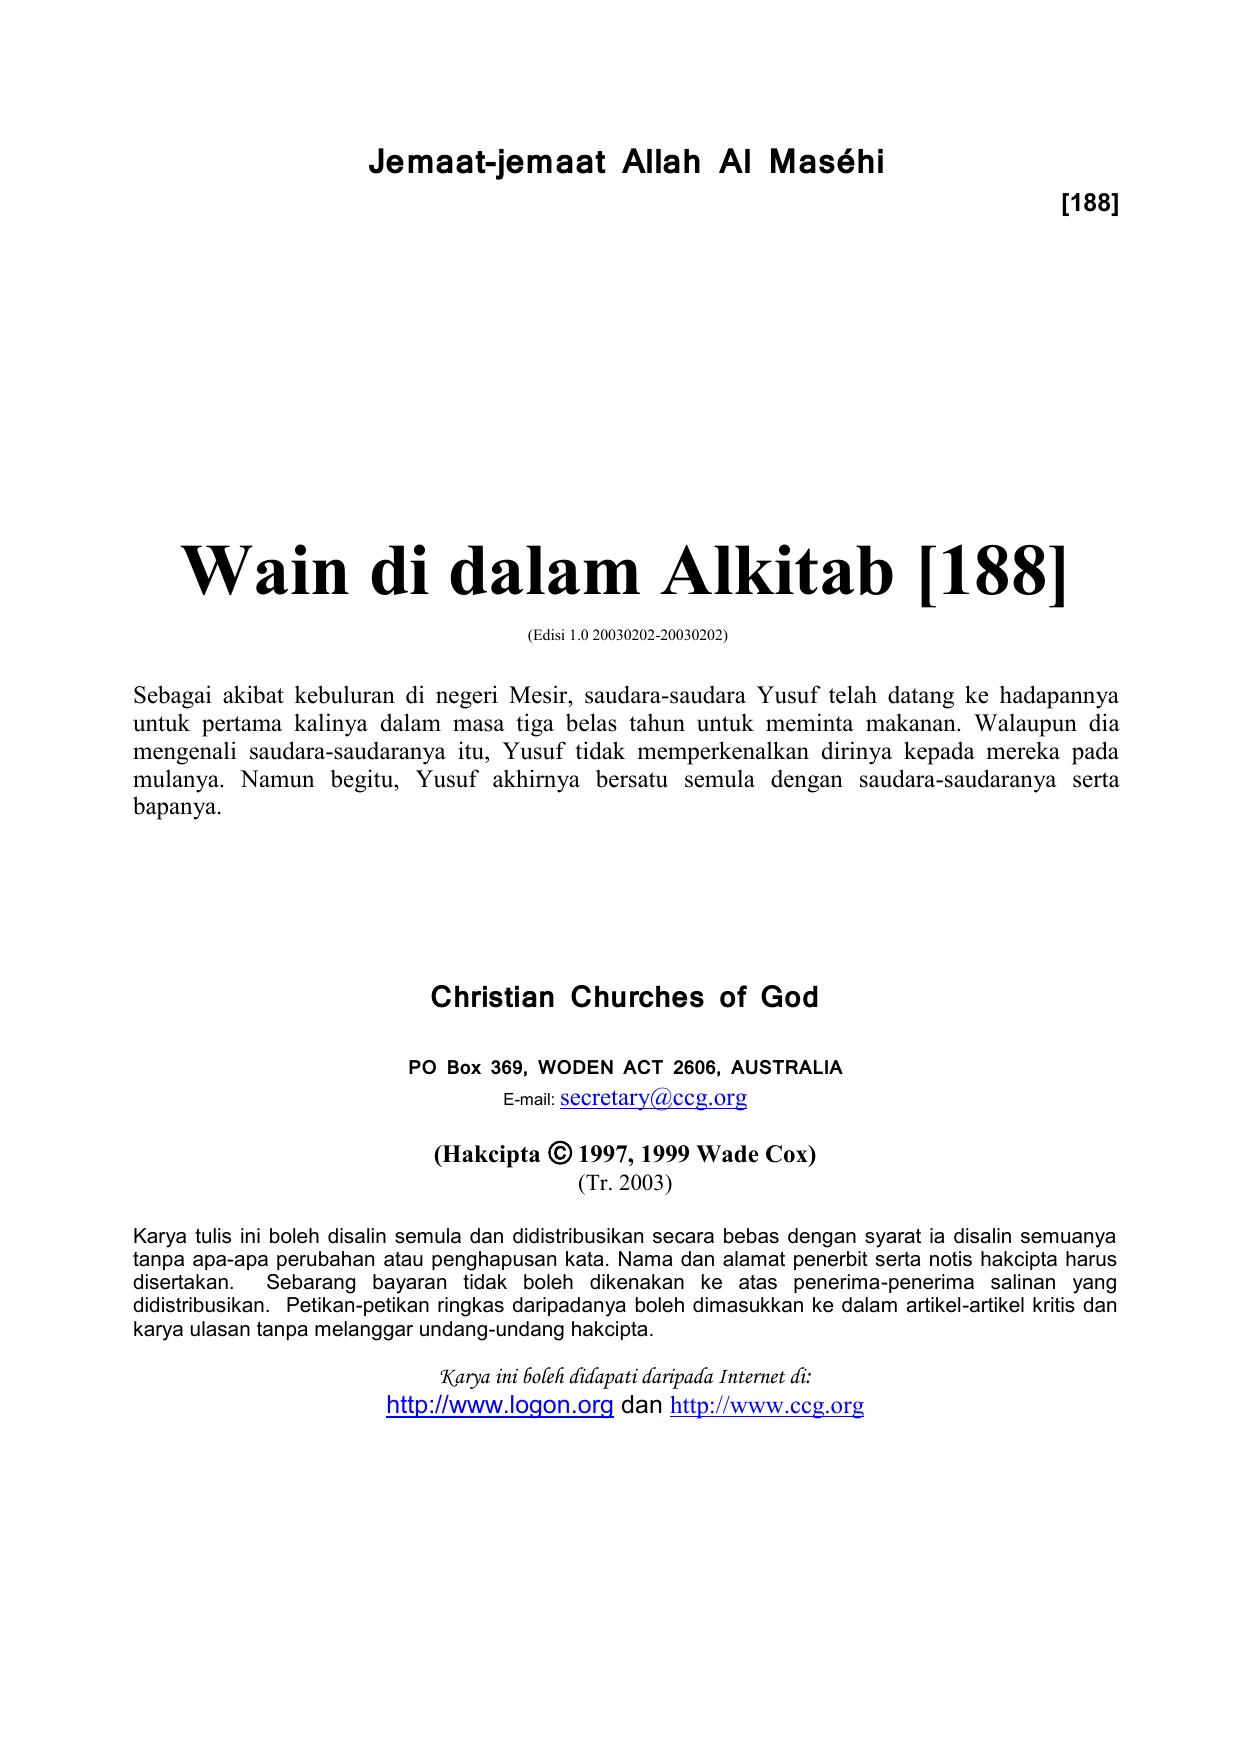 Wain Di Dalam Alkitab 188 Jemaat